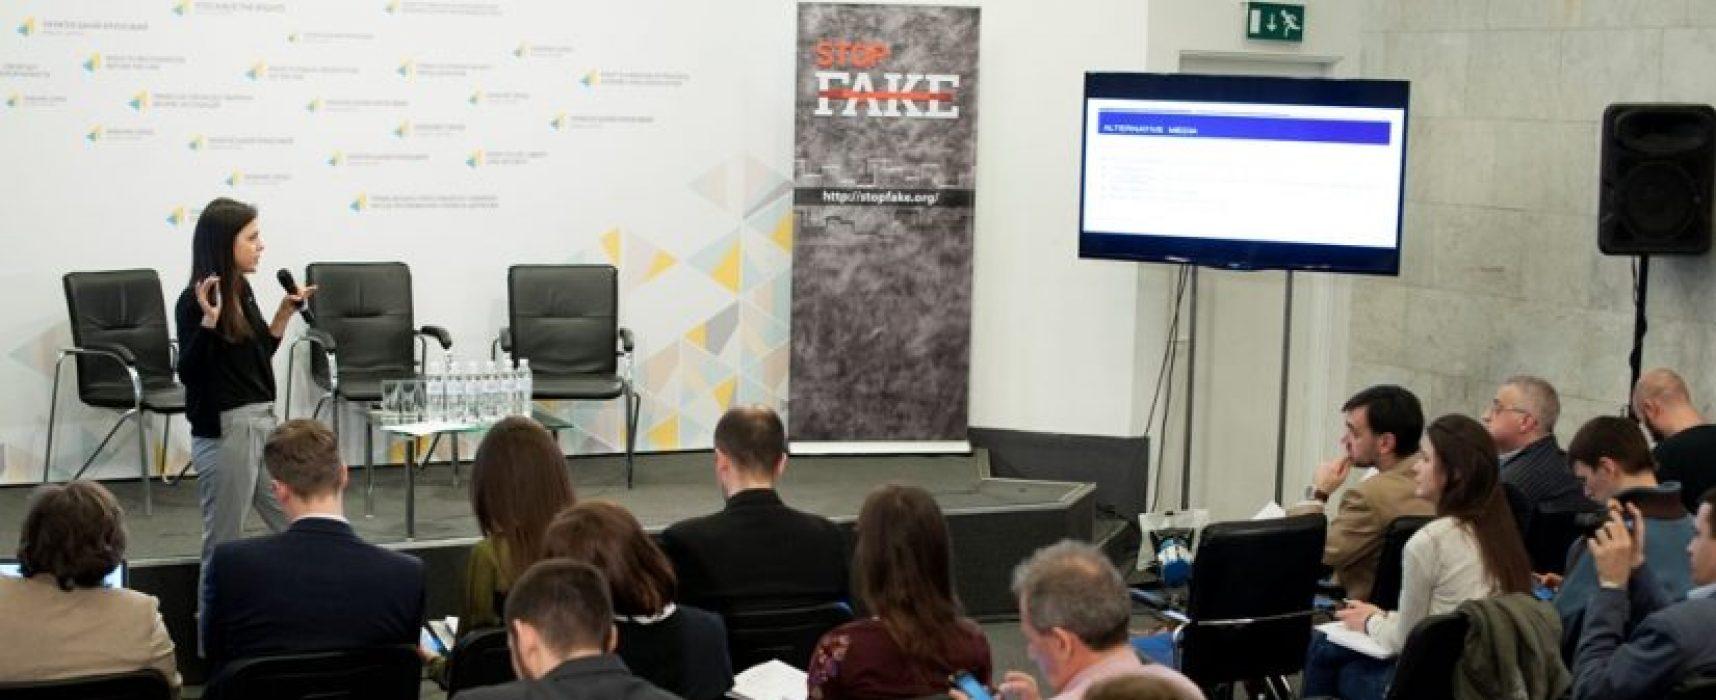 La Russia diffonde la disinformazione nei Paesi dell'Europa orientale applicando le stesse metodologie